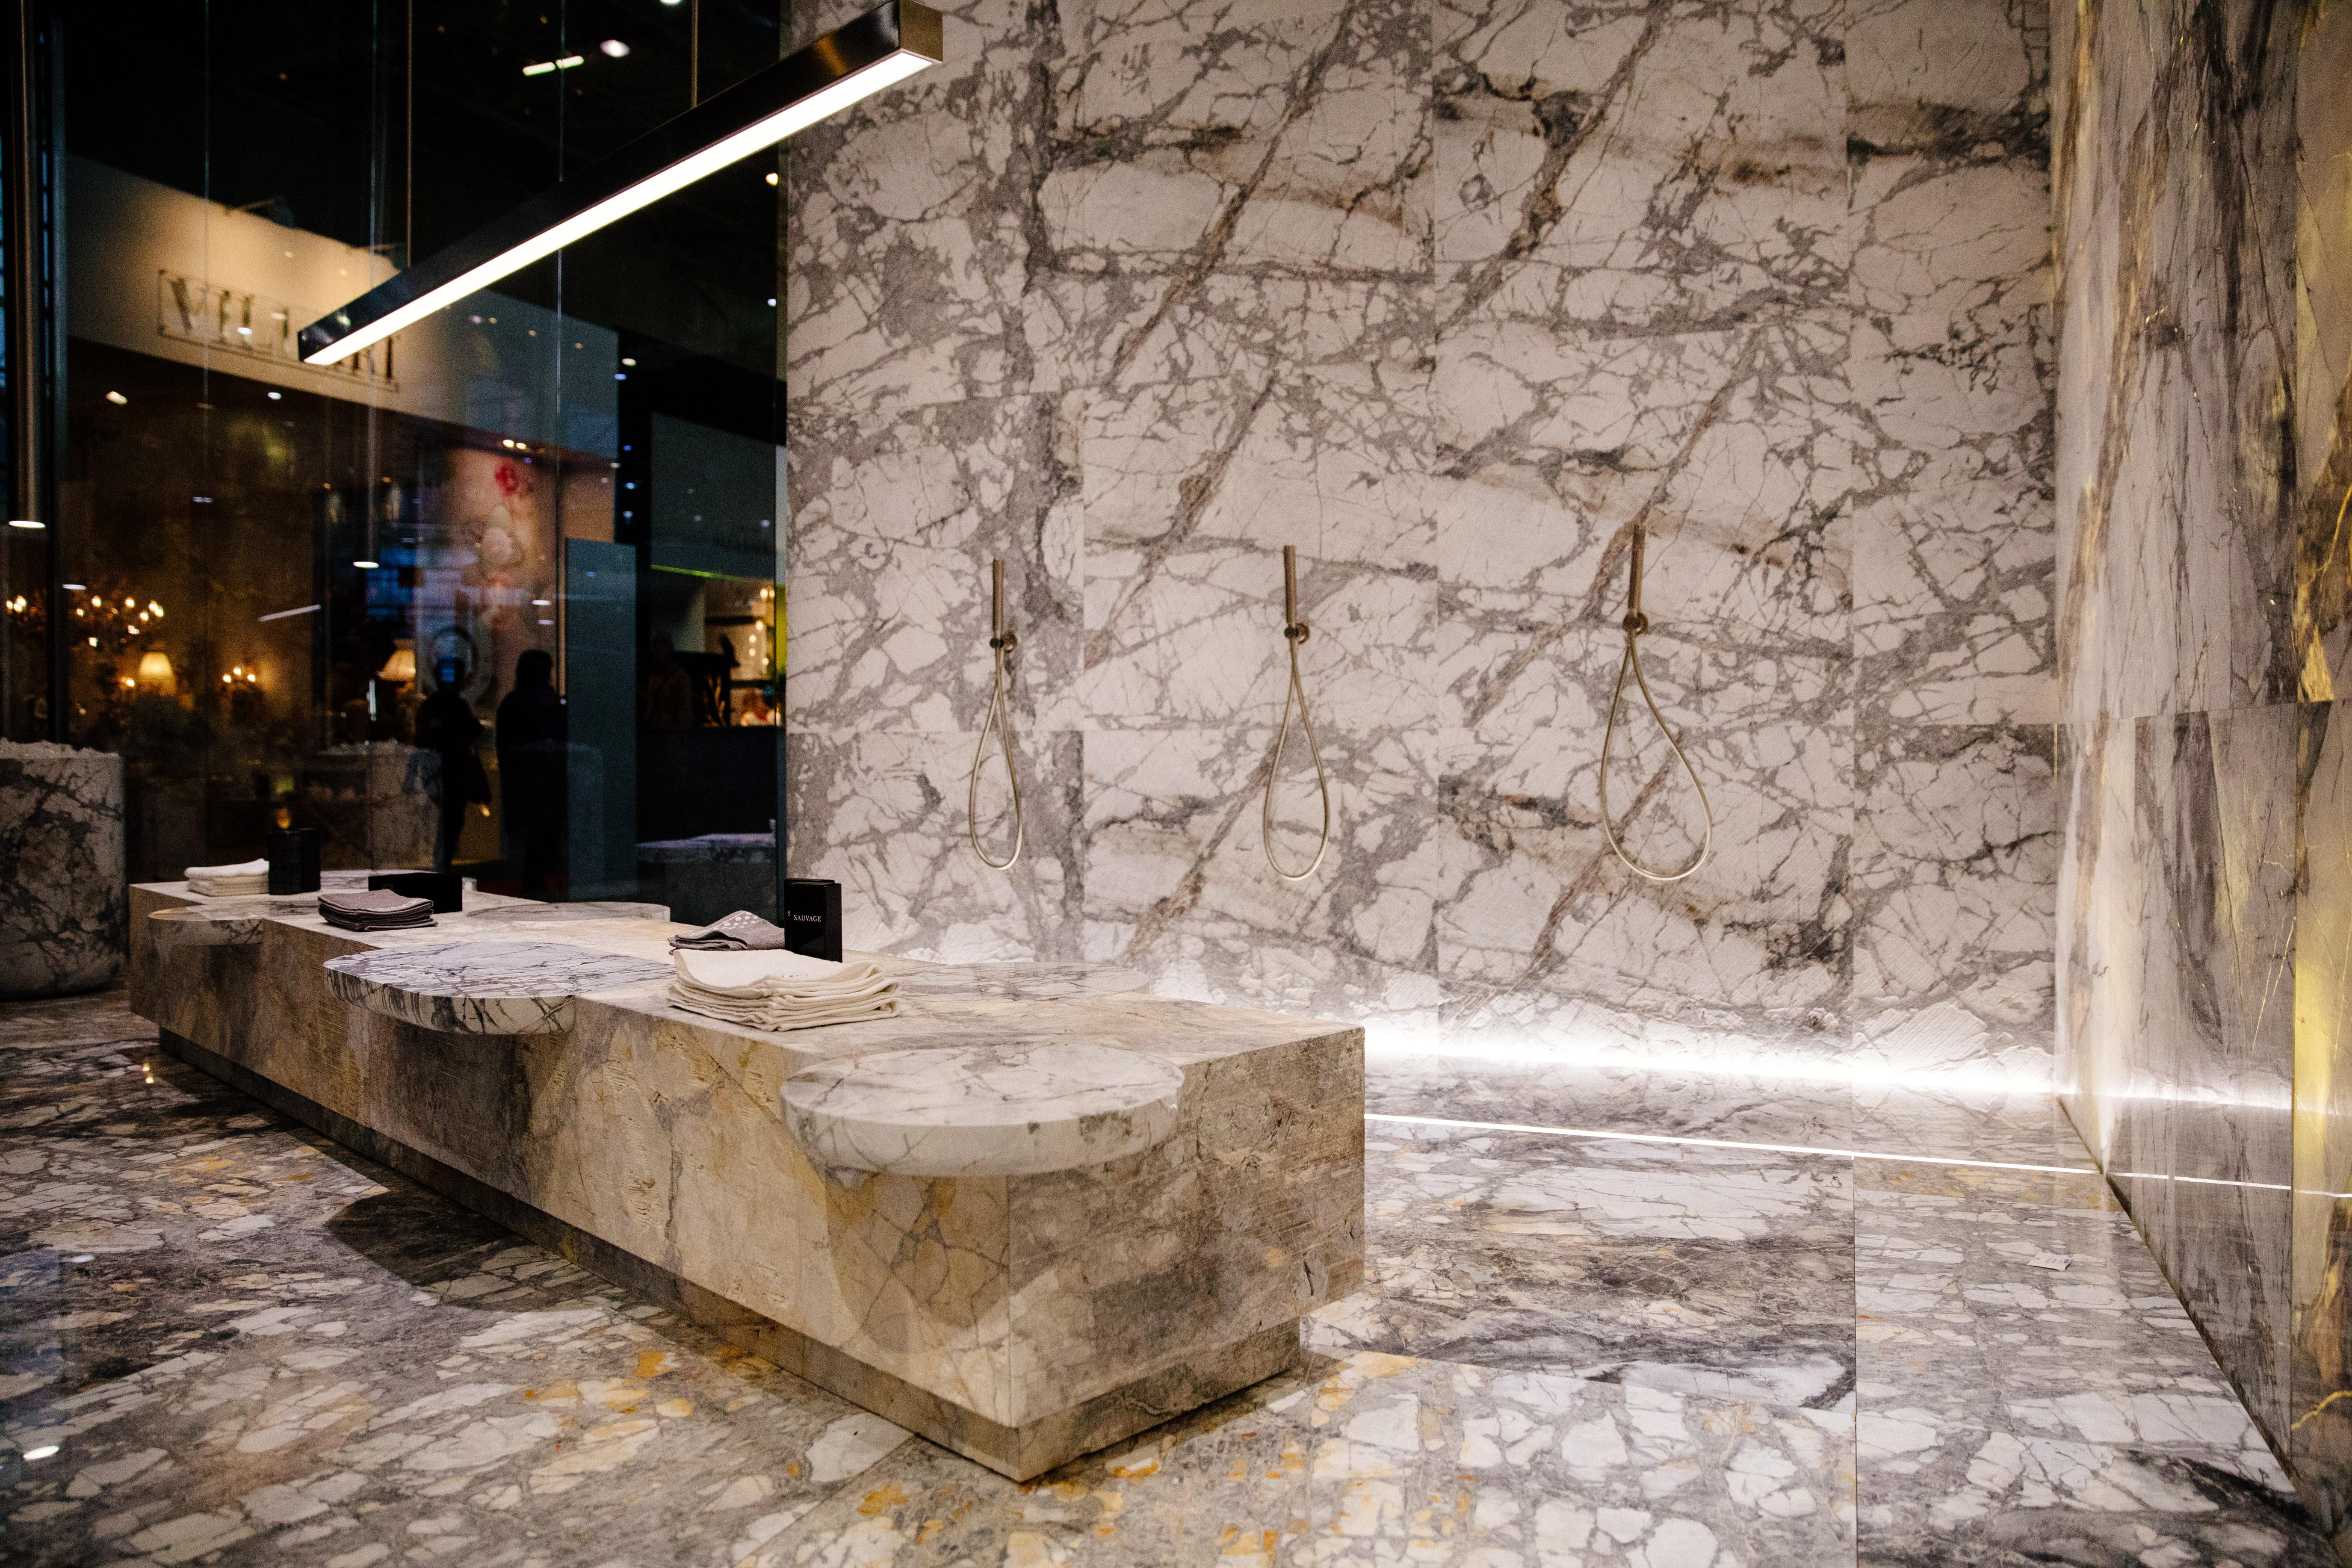 décoration vert et doré - salle de bain en marbre